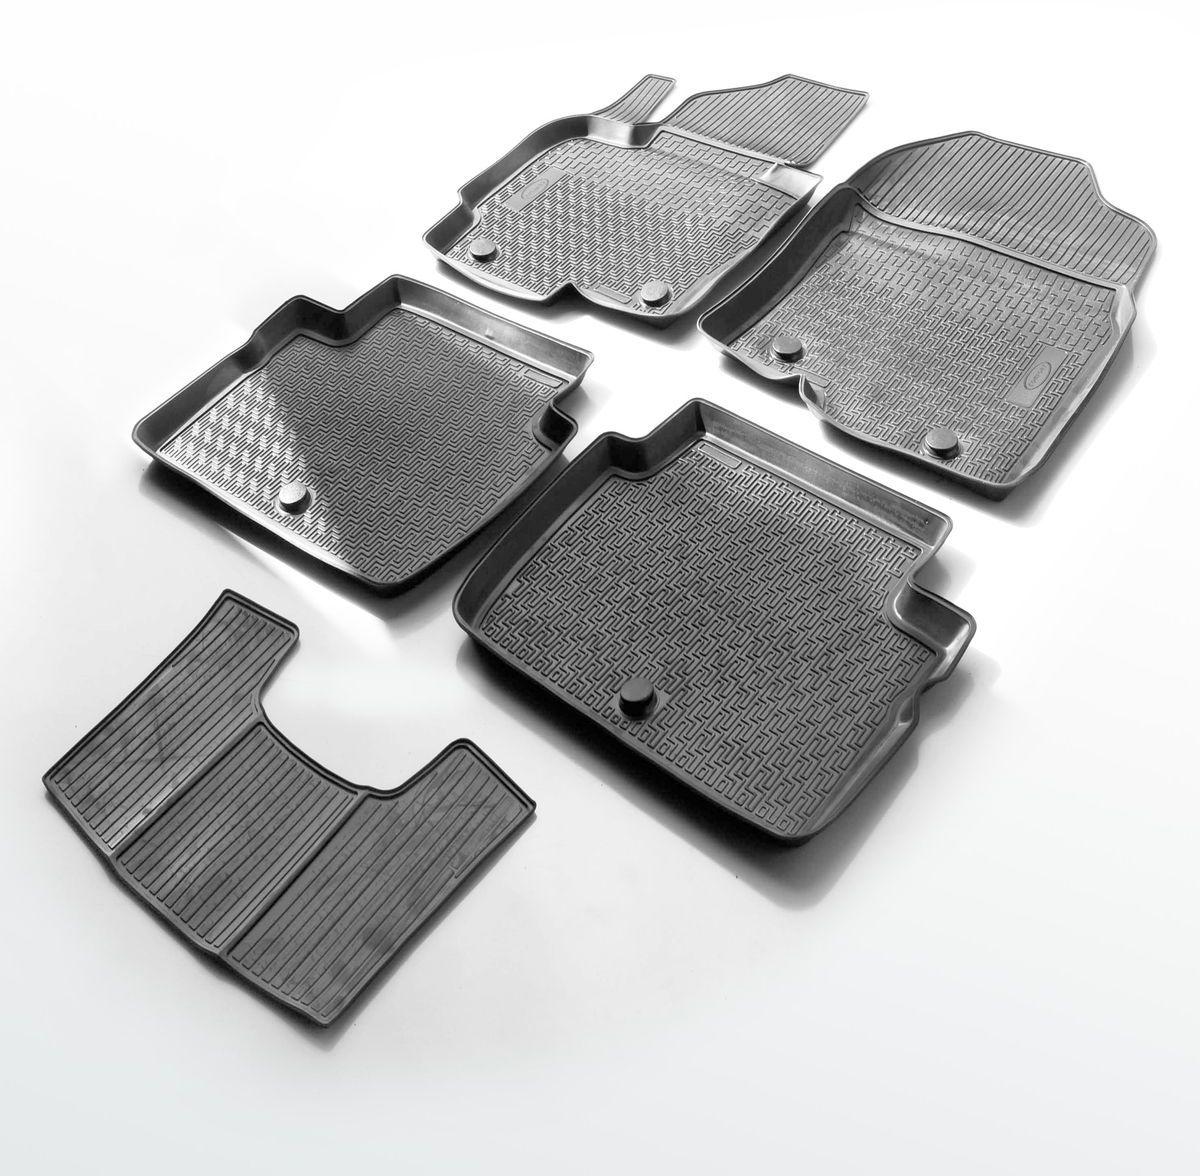 Коврики салона Rival для Lada Xray (с бардачком) 2016-, c перемычкой, полиуретан16007001Прочные и долговечные коврики Rival в салон автомобиля, изготовлены из высококачественного и экологичного сырья. Коврики полностью повторяют геометрию салона вашего автомобиля.- Надежная система крепления, позволяющая закрепить коврик на штатные элементы фиксации, в результате чего отсутствует эффект скольжения по салону автомобиля.- Высокая стойкость поверхности к стиранию.- Специализированный рисунок и высокий борт, препятствующие распространению грязи и жидкости по поверхности коврика.- Перемычка задних ковриков в комплекте предотвращает загрязнение тоннеля карданного вала.- Коврики произведены из первичных материалов, в результате чего отсутствует неприятный запах в салоне автомобиля.- Высокая эластичность, можно беспрепятственно эксплуатировать при температуре от -45°C до +45°C. Уважаемые клиенты! Обращаем ваше внимание, что коврики имеют форму, соответствующую модели данного автомобиля. Фото служит для визуального восприятия товара.